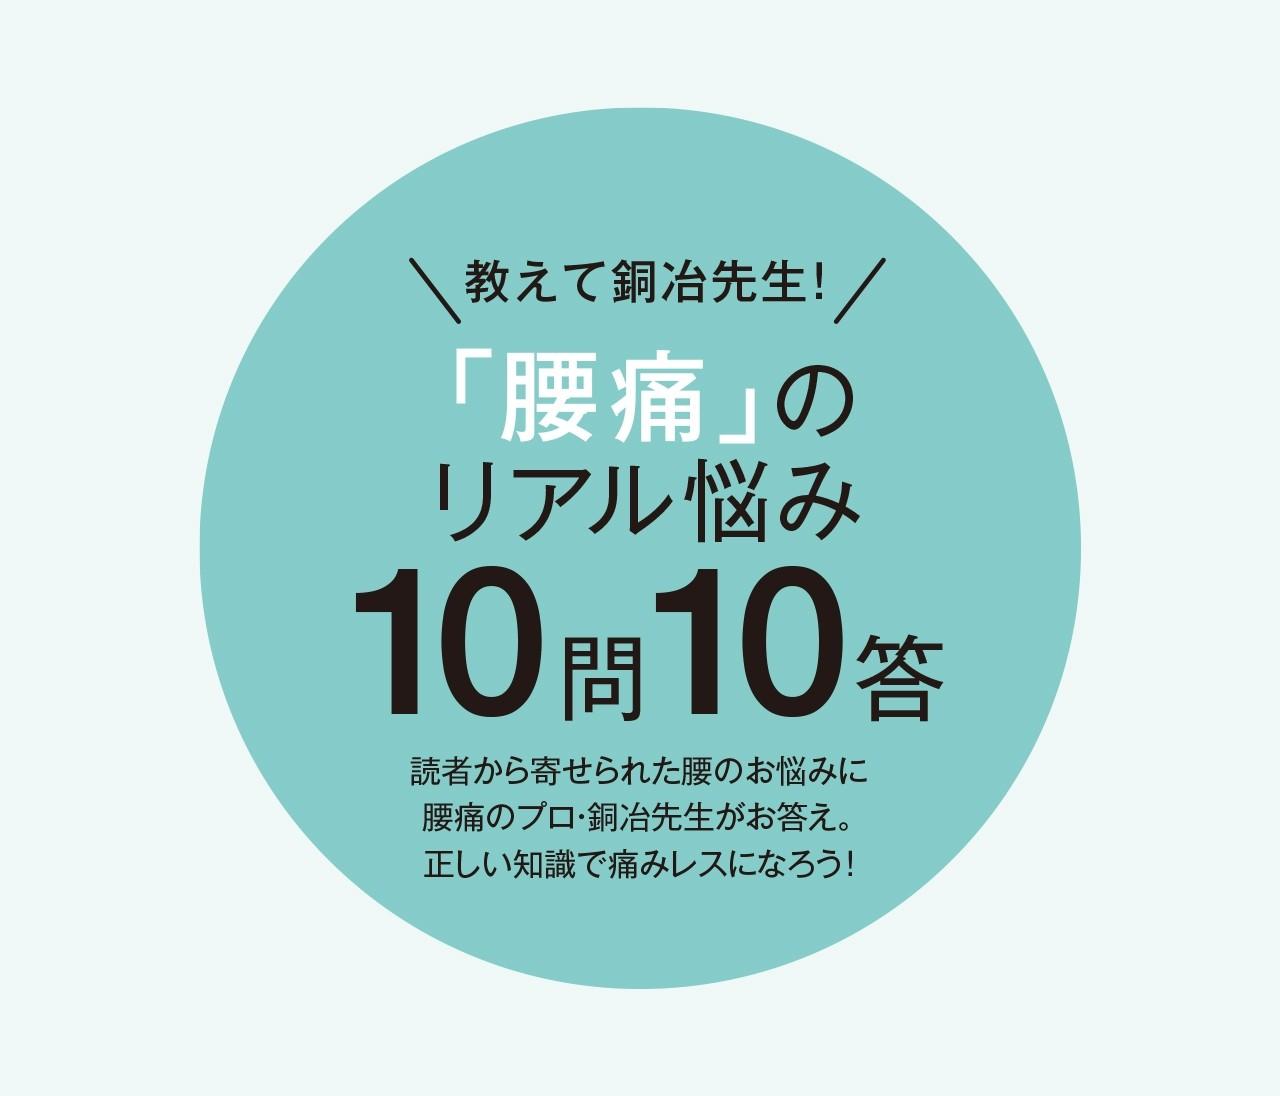 【腰痛のお悩み】30代のリアル腰痛あるある10問10答!